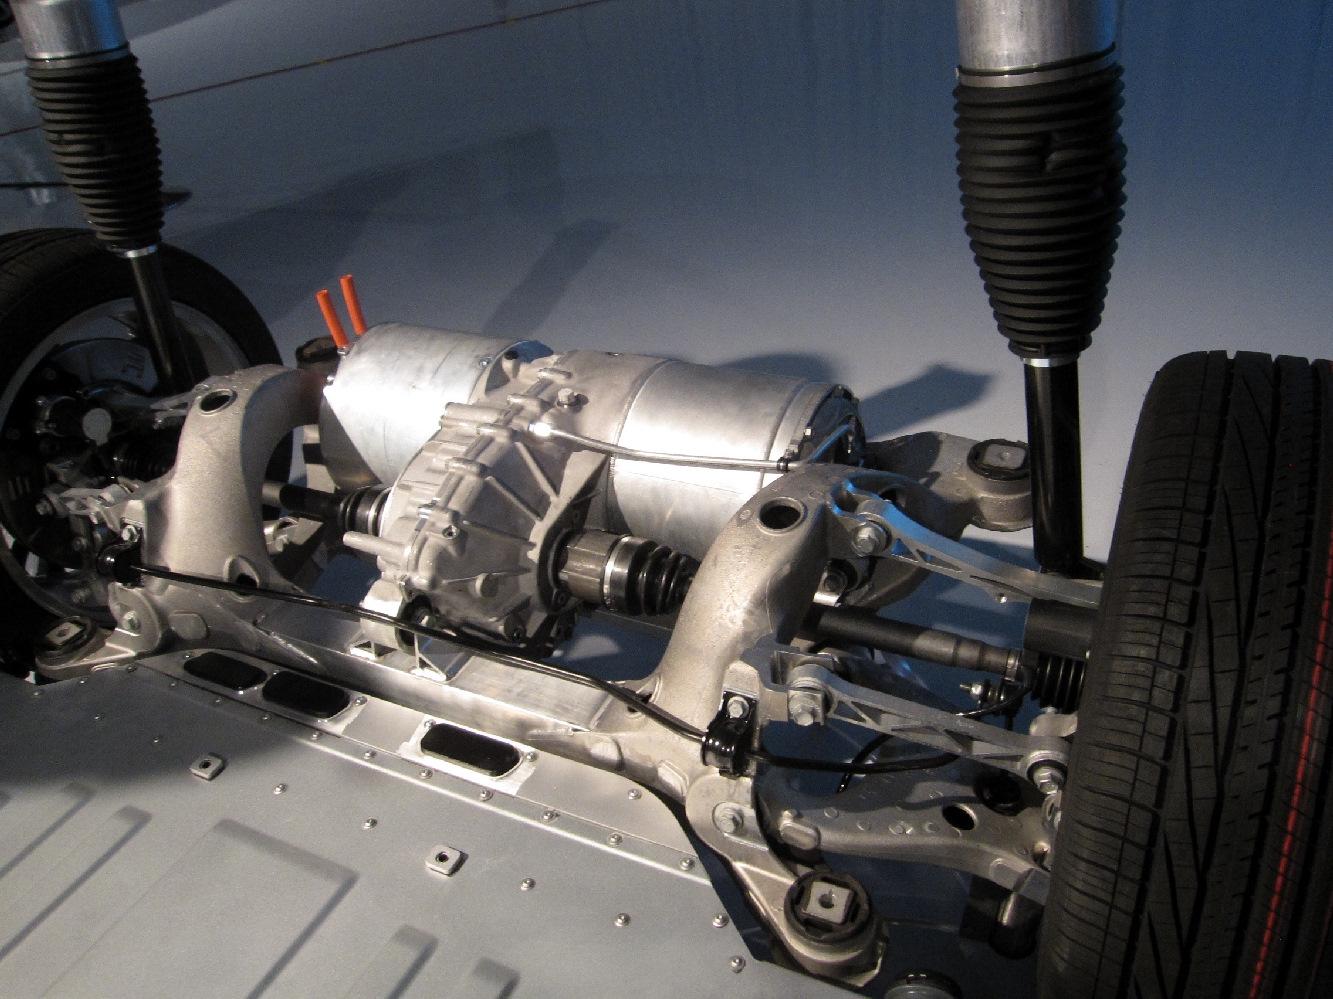 переломы делятся описание двигателя для автомобиля тесла модель х беглого взгляда